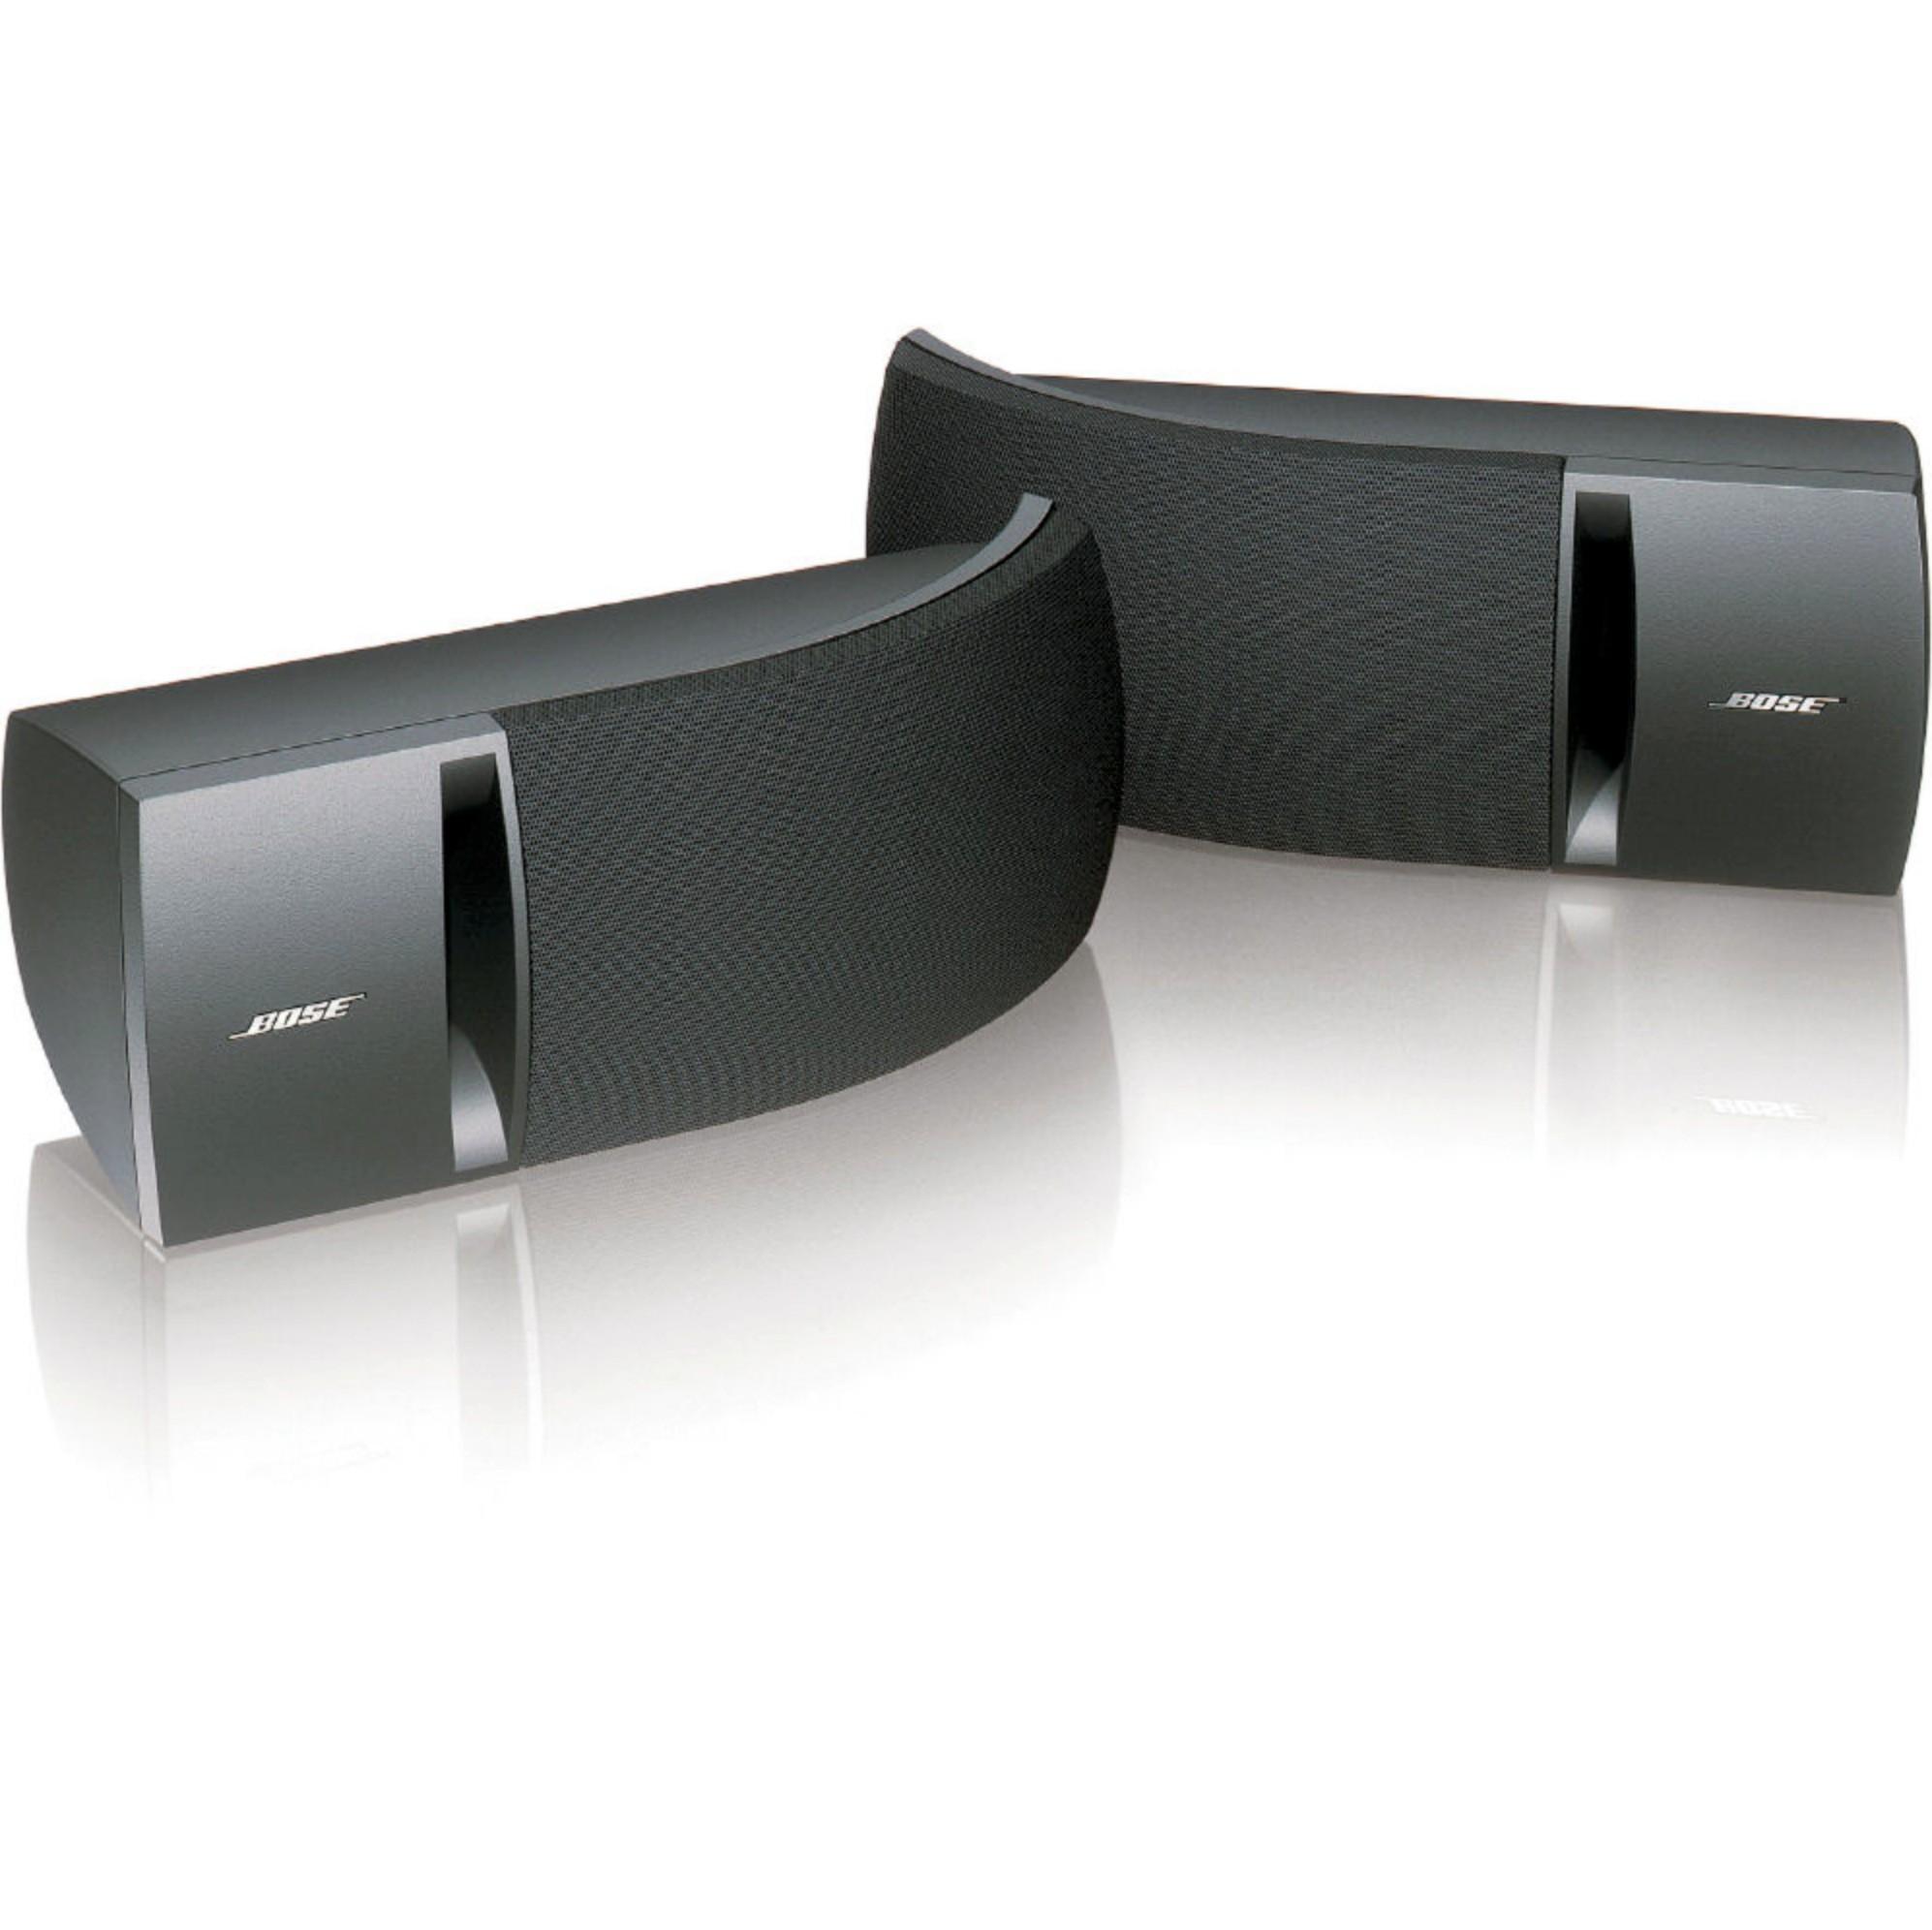 Caixa Acústica Bose 161 Full-range Preto Par